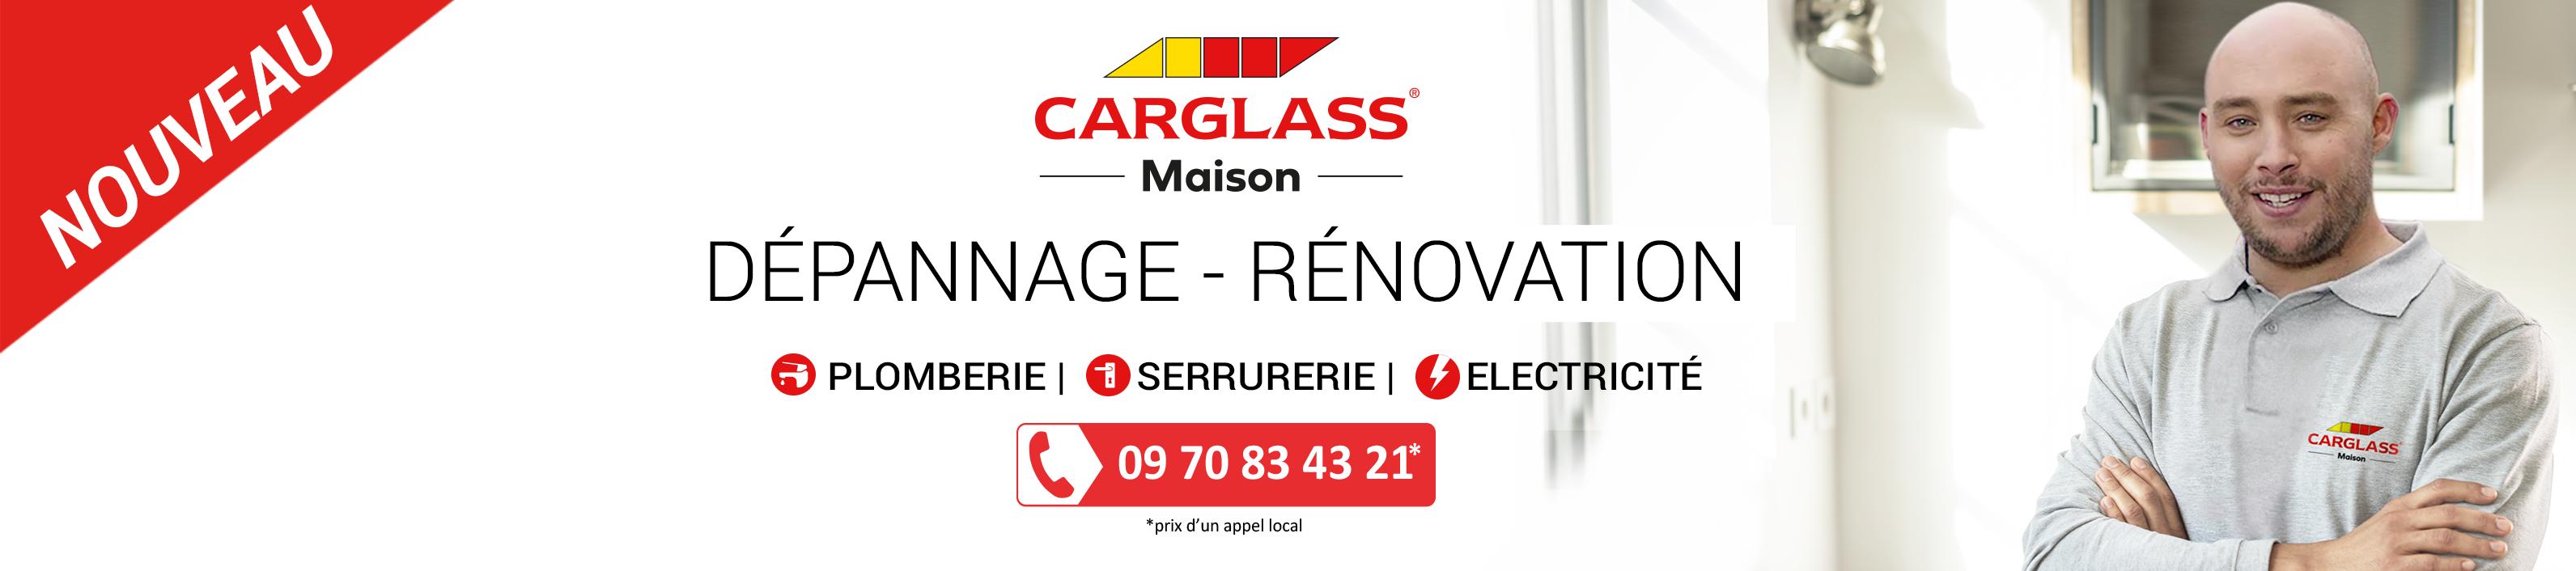 nouveau Carglass® maison